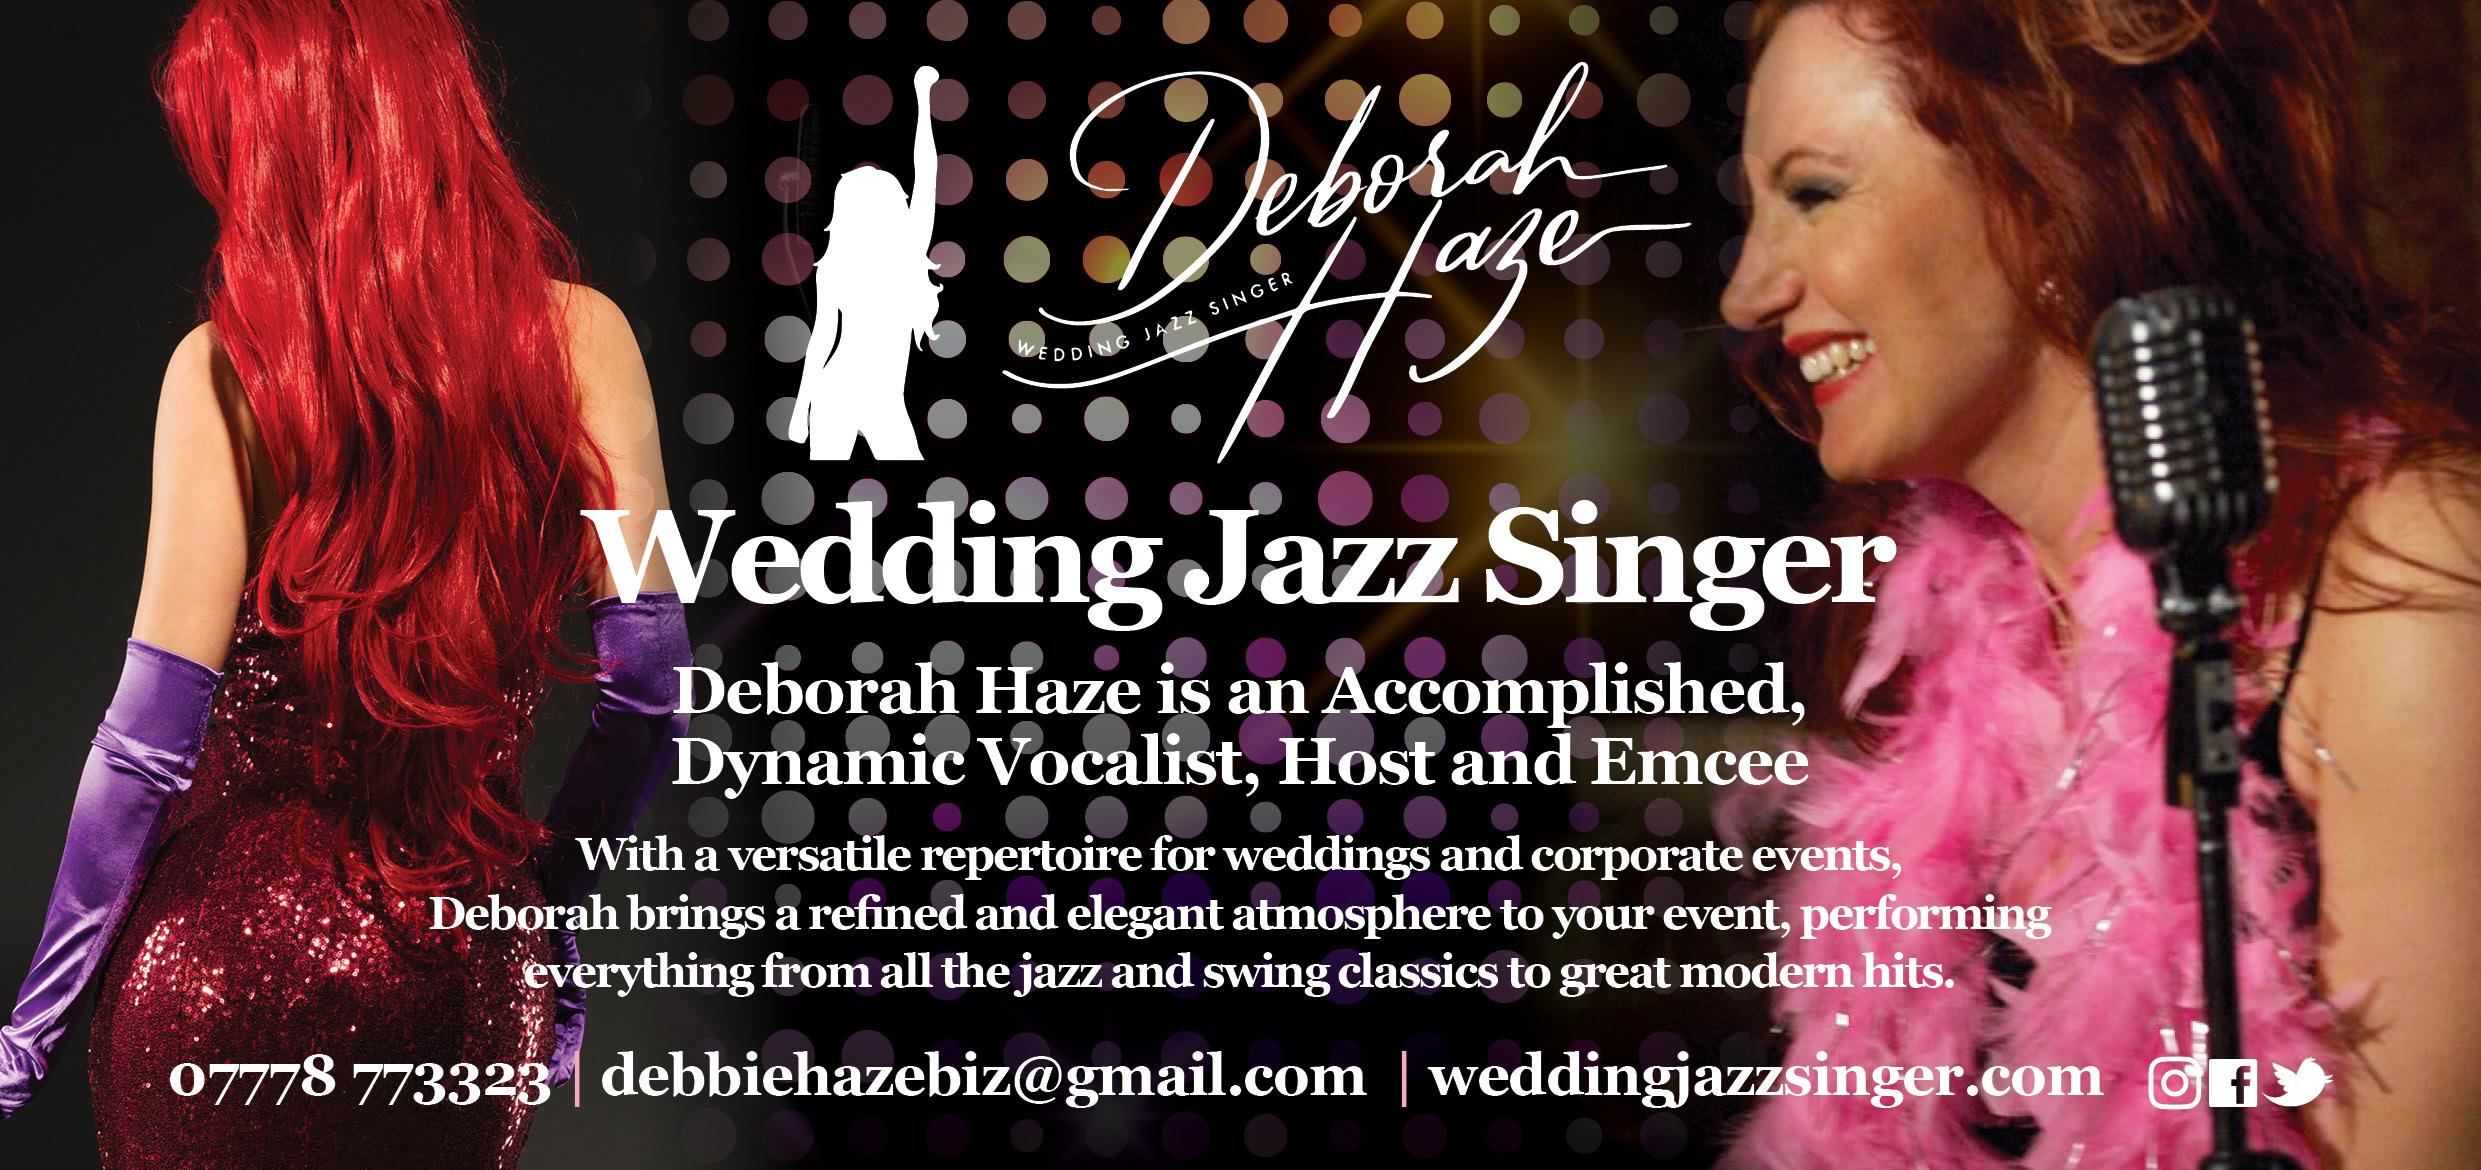 Deborah Haze Wedding Jazz Singer